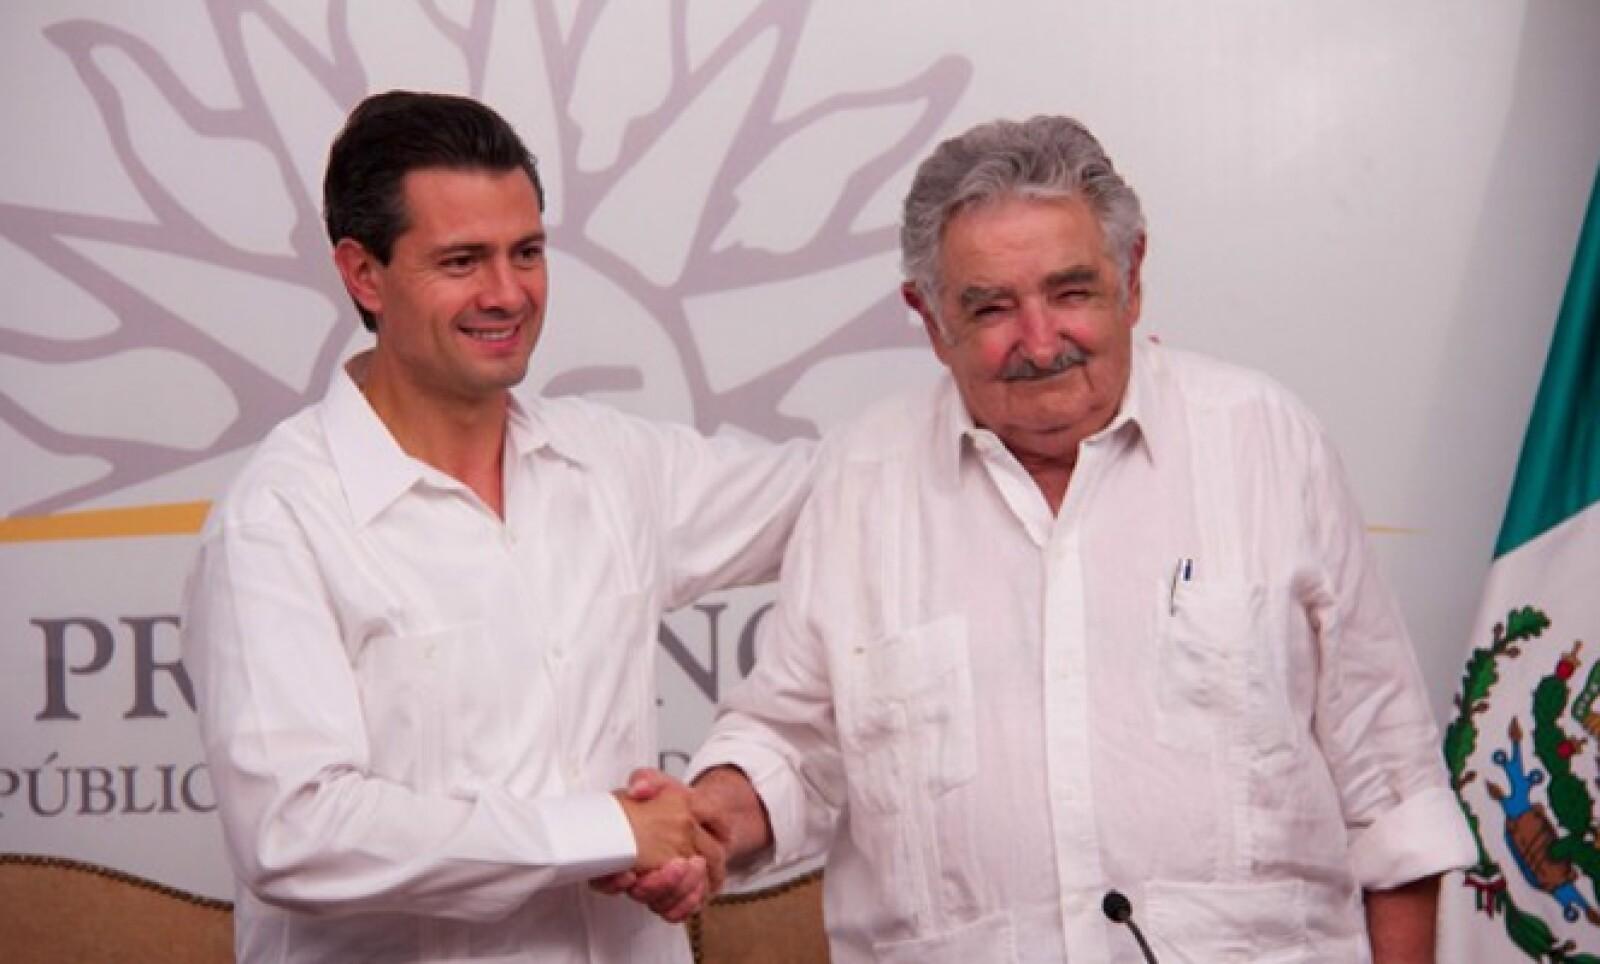 El 28 de enero, el mandatario acudió a Montevideo para visitar al presidente José Mujica, con quien acordó fortalecer el acuerdo de libre de comercio entre ambas naciones.